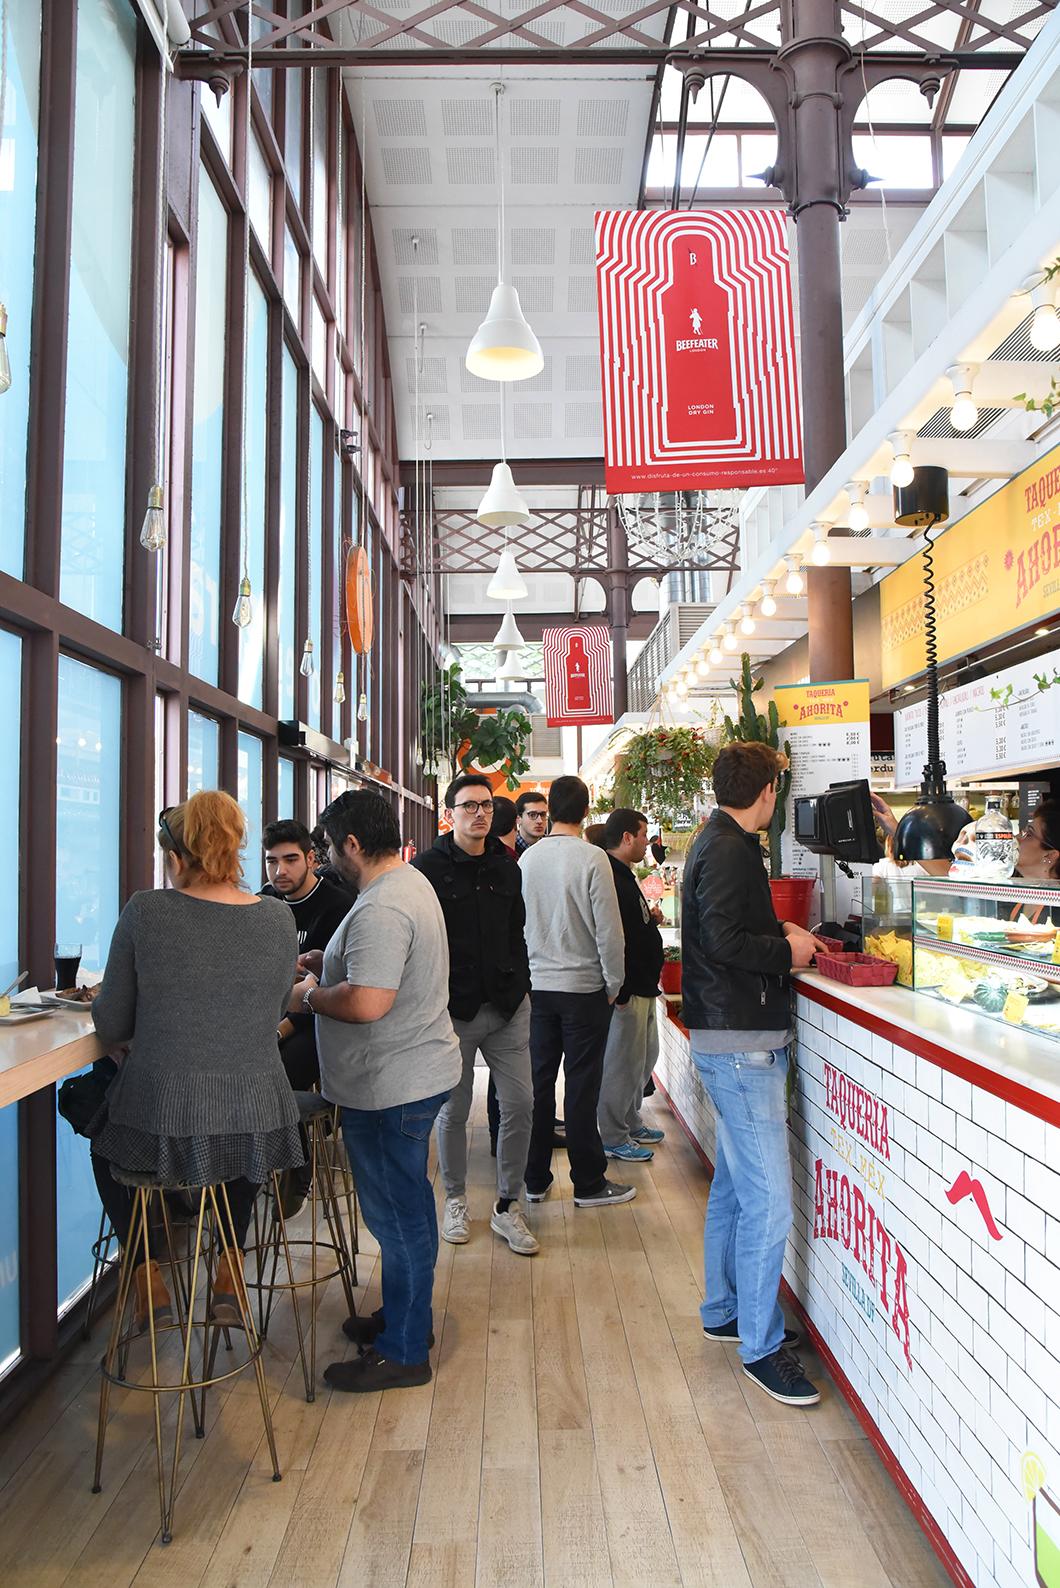 Street food à Séville - Mercado Longa del Barranco